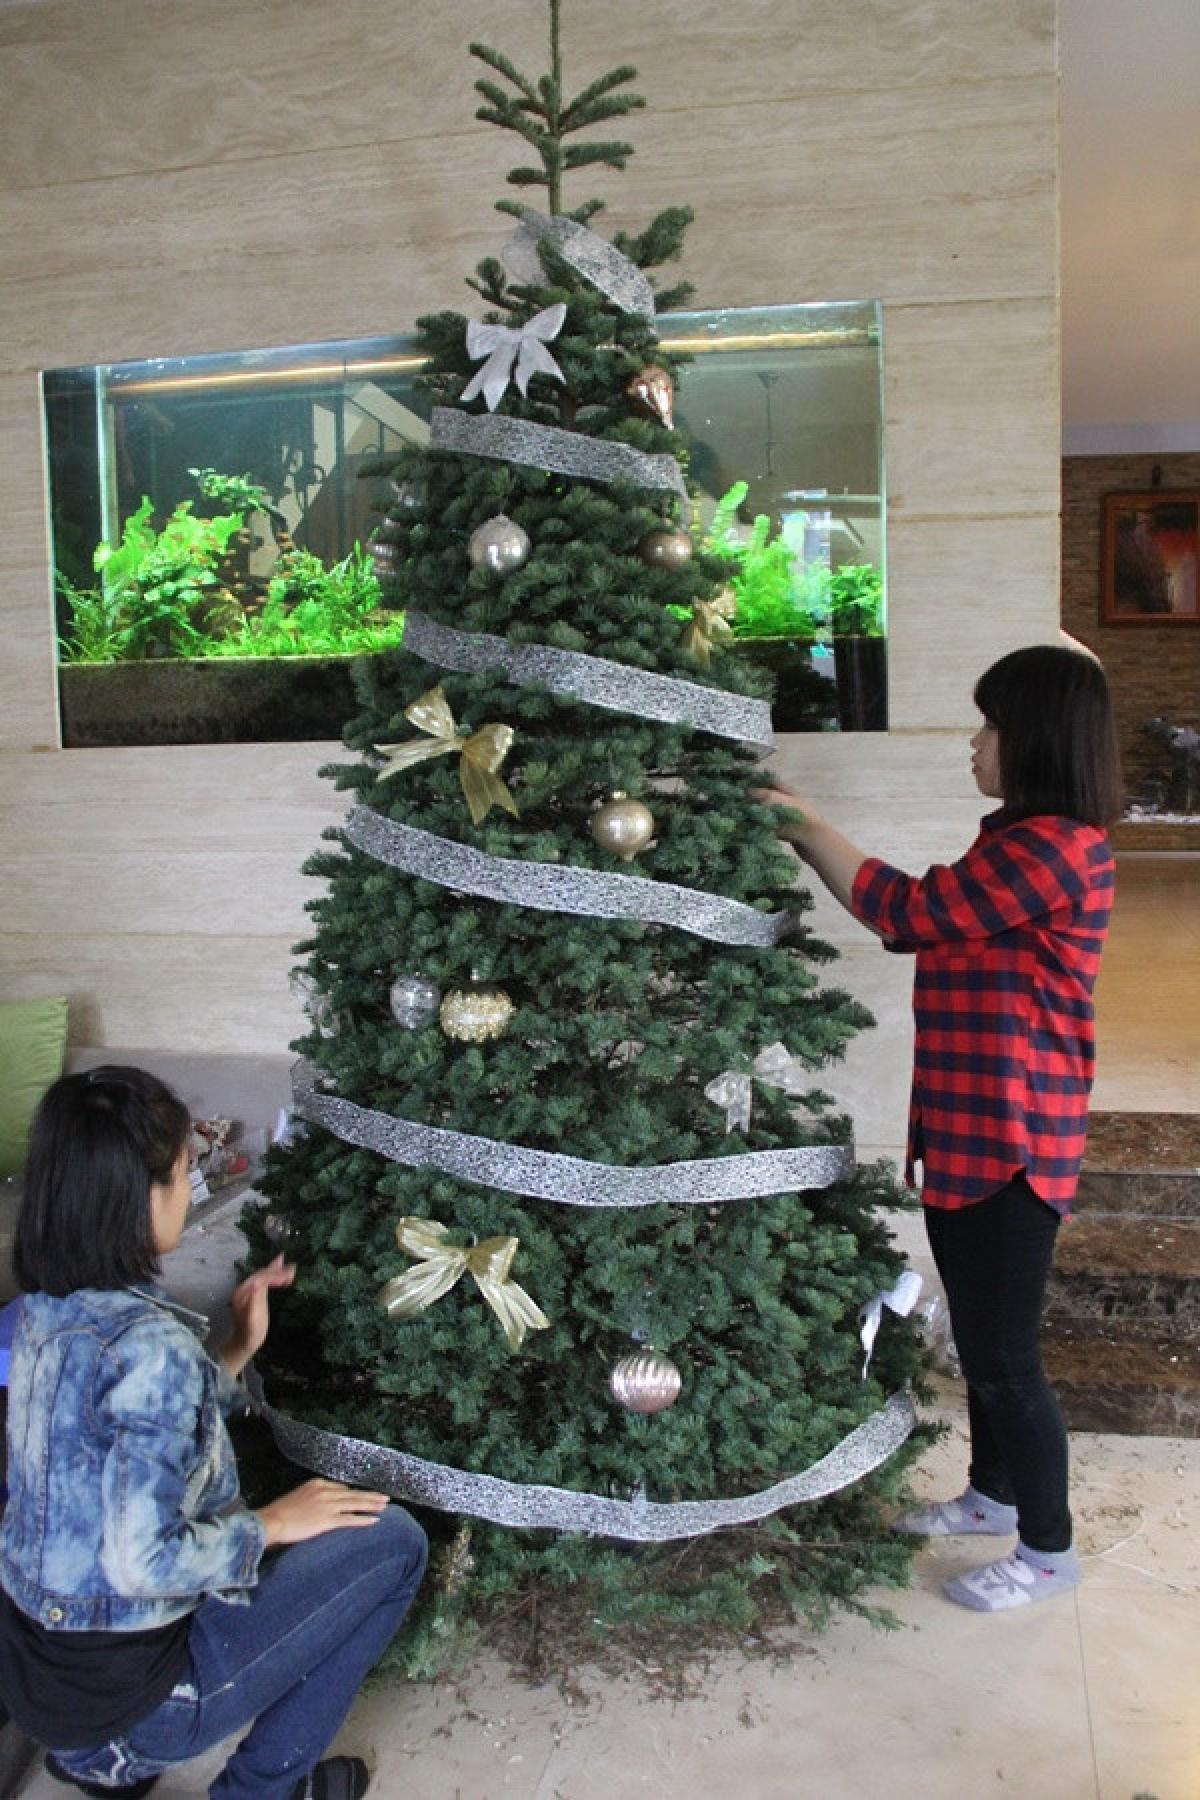 Cây thông tươi nhập khẩu dù giá cao và phải đặt trước khá lâu nhưng vẫn được nhiều người tiêu dùng lựa chọn trong dịp Noel vì muốn được tận hưởng không khí Noel chân thật, gần gũi nhất. (Ảnh: Afamily)